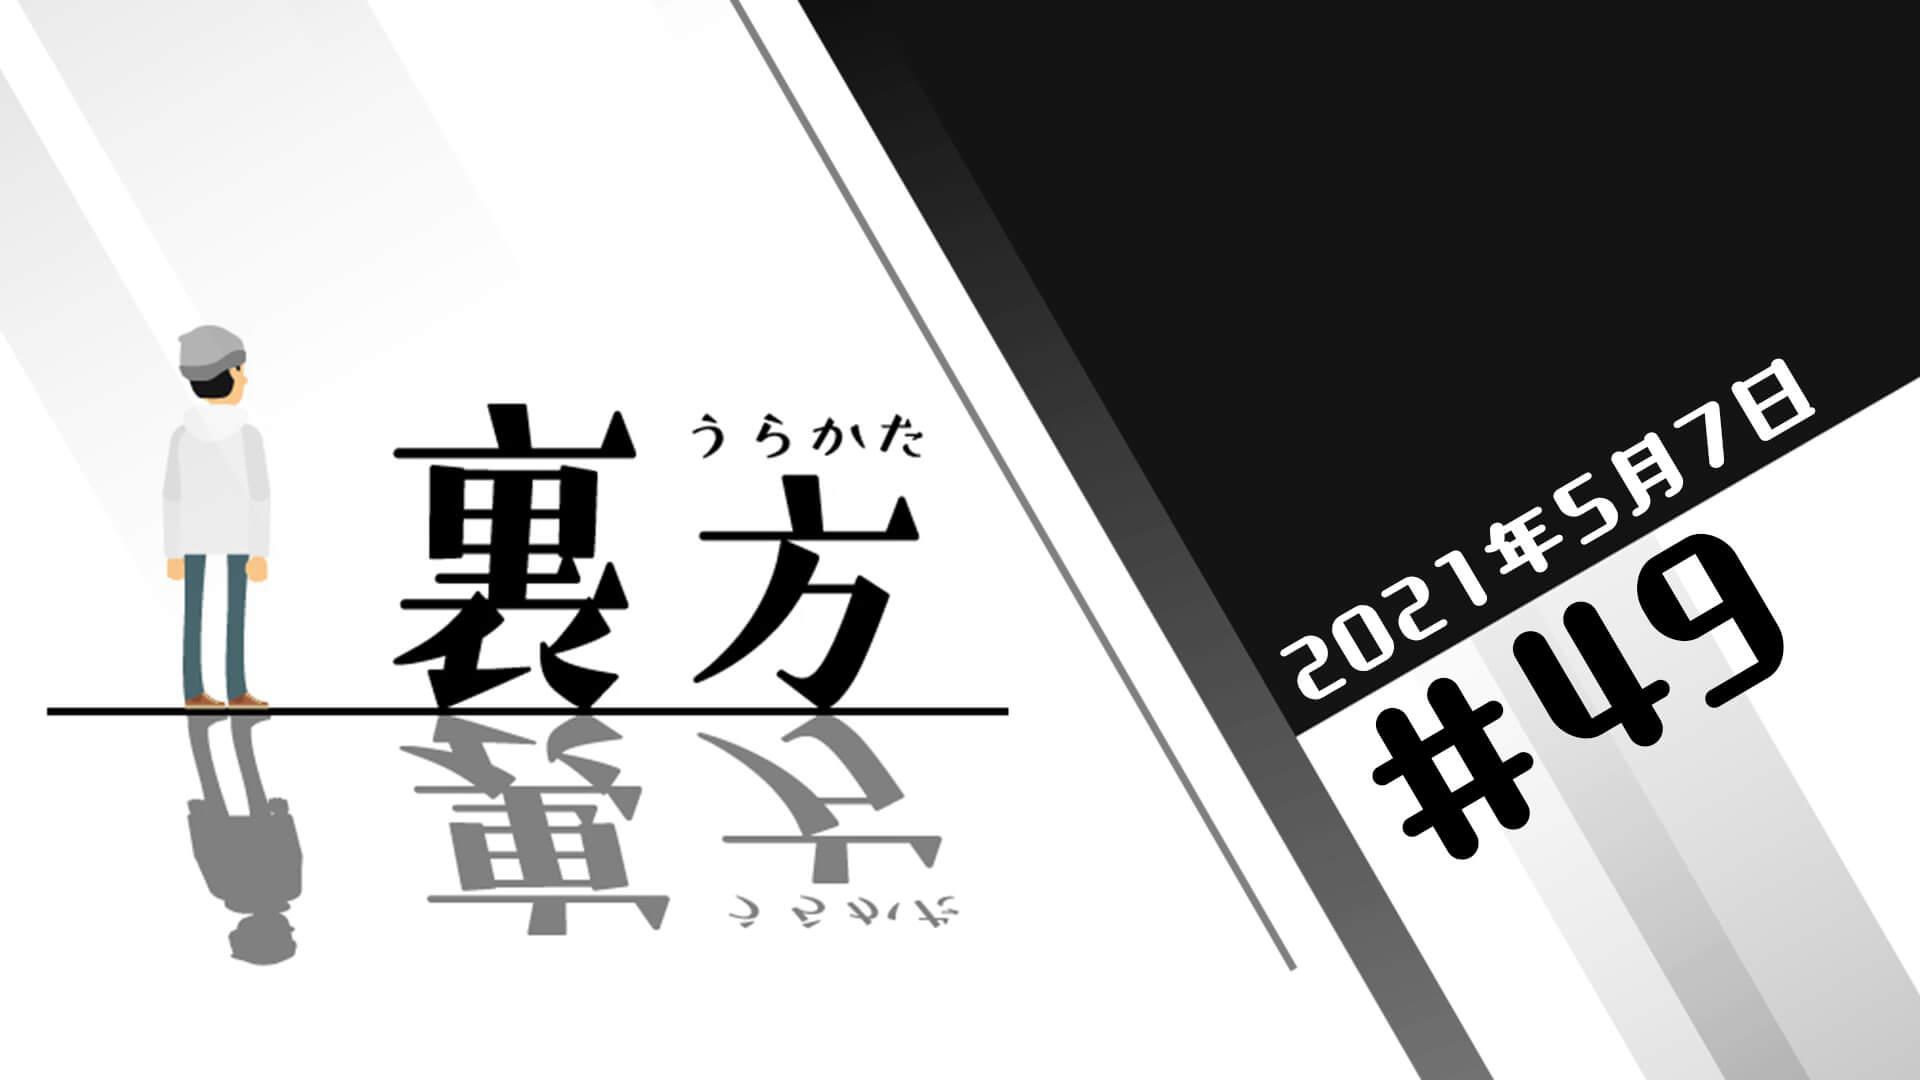 文化放送超!A&G+ 「裏方」#49 (2021年5月7日放送分)